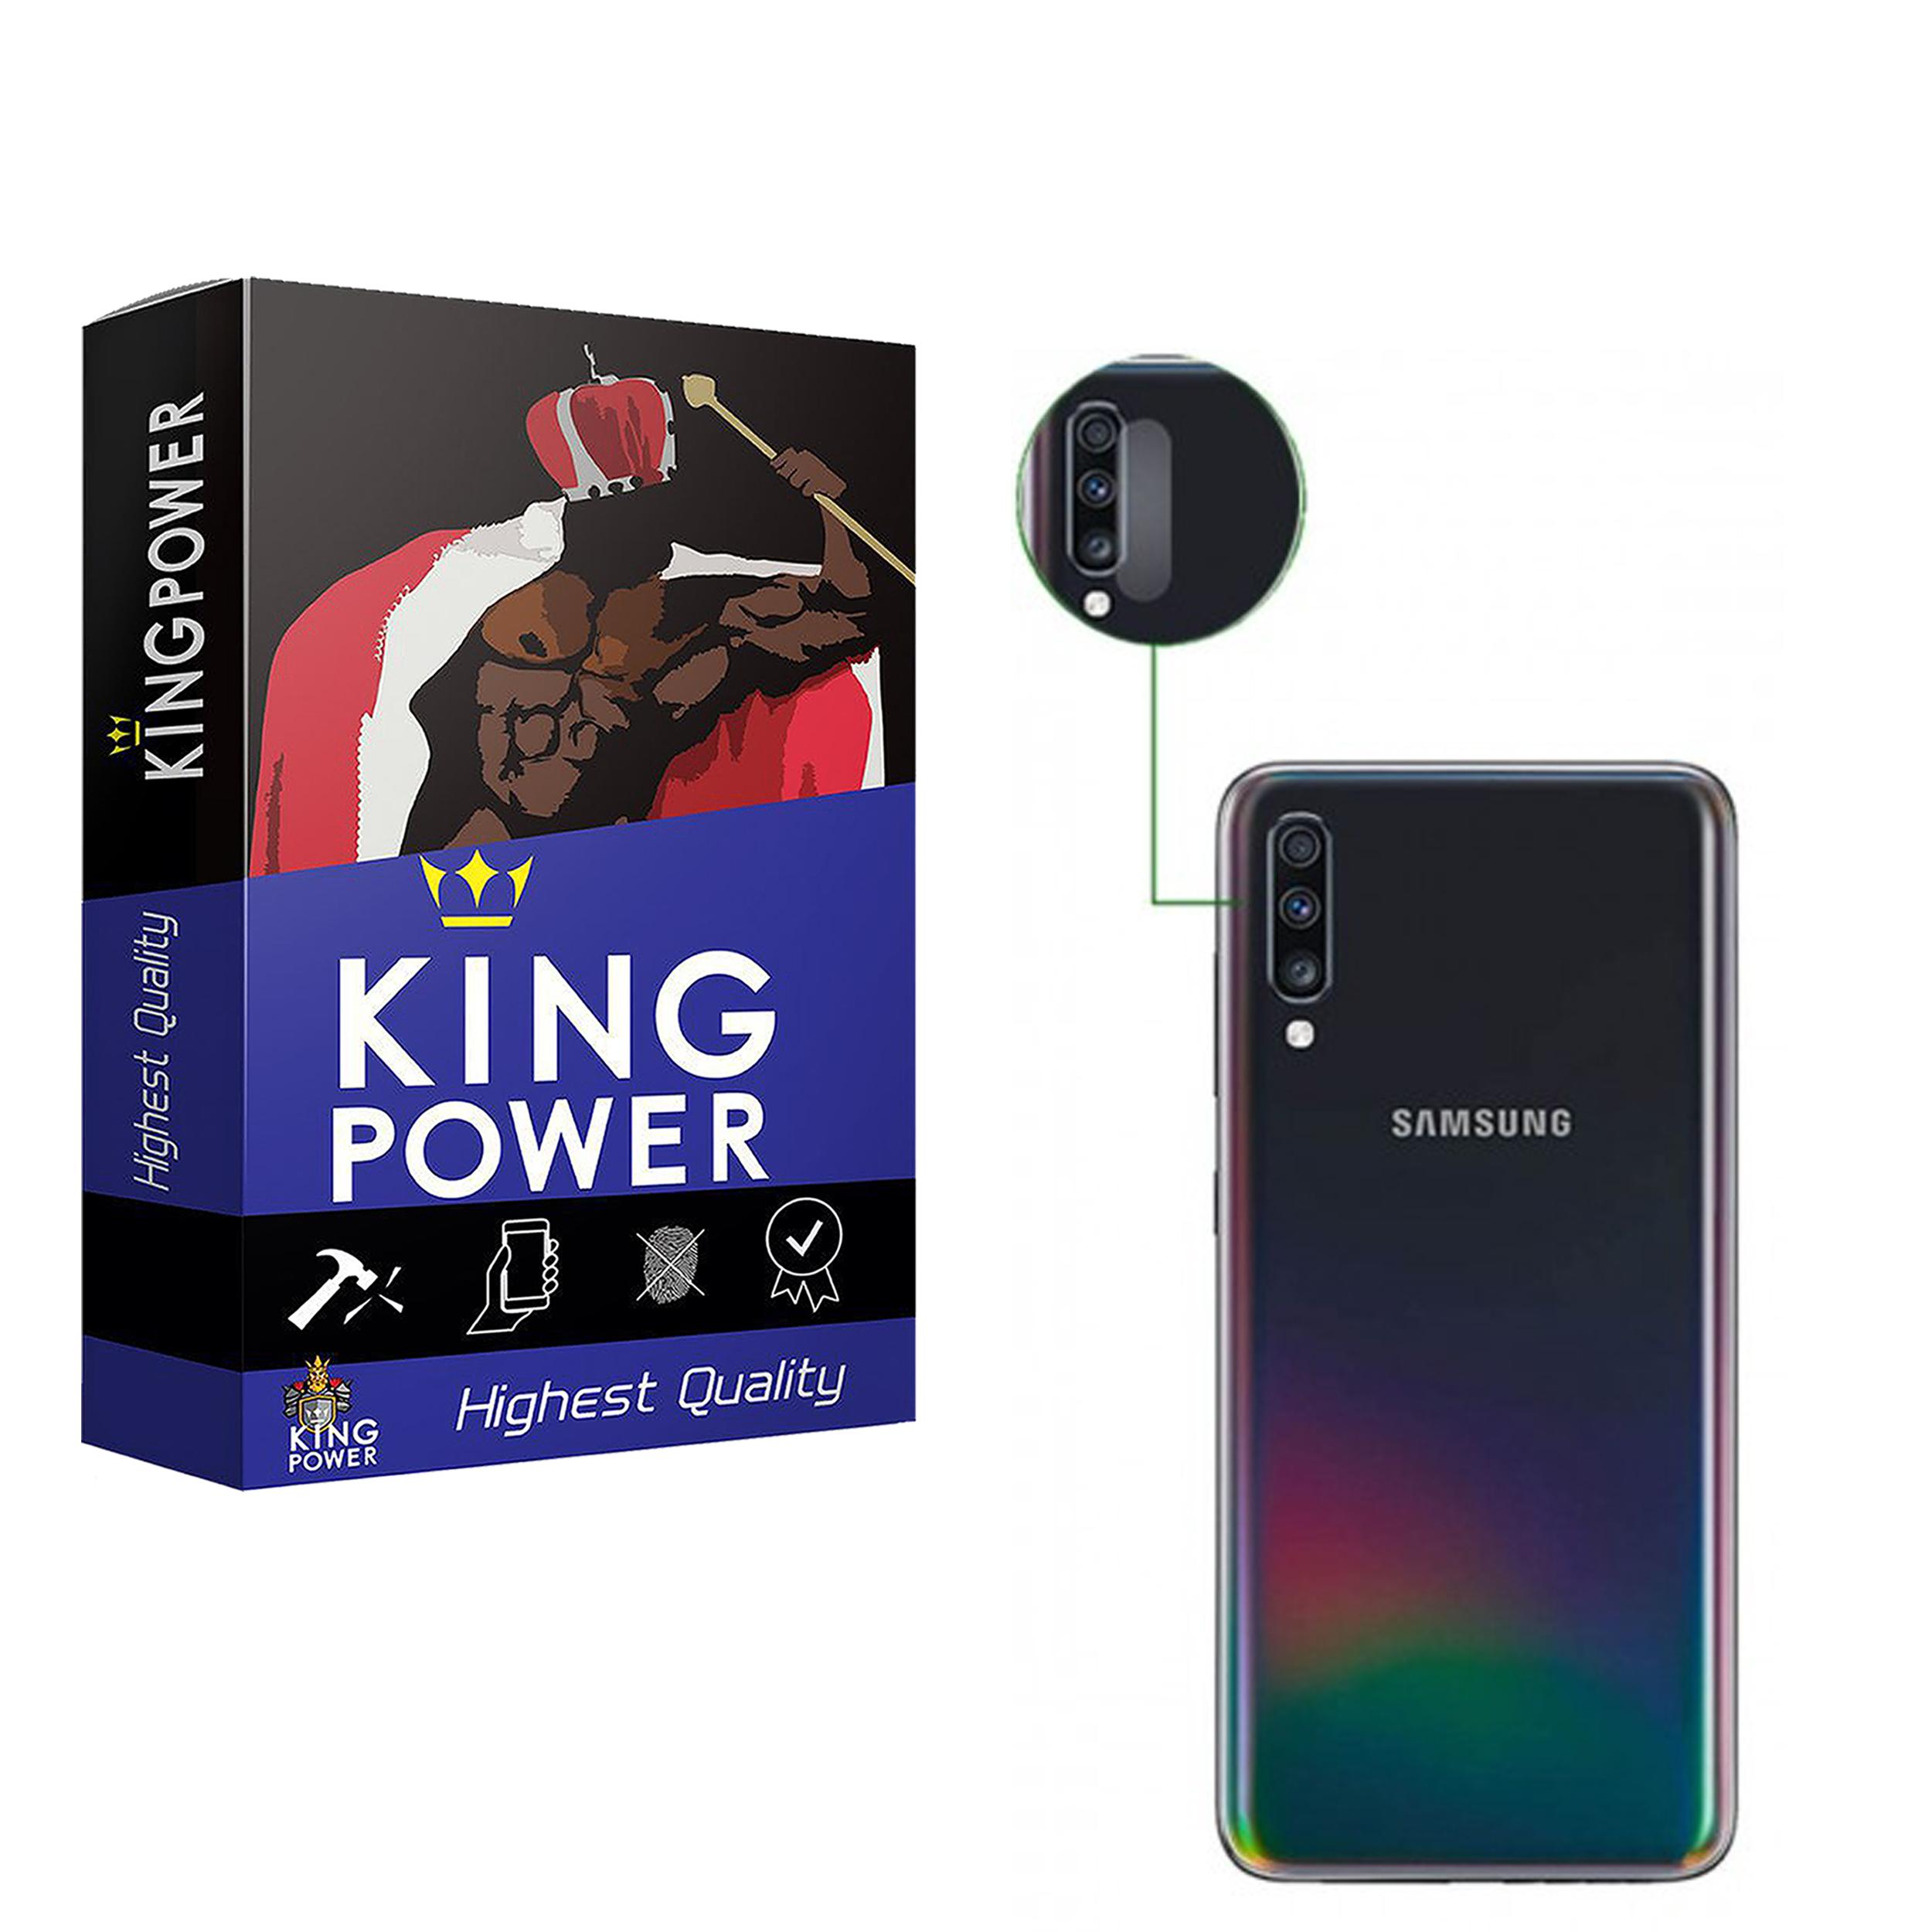 محافظ لنز دوربین کینگ پاور مدل KPL مناسب برای گوشی موبایل سامسونگ Galaxy A70              ( قیمت و خرید)